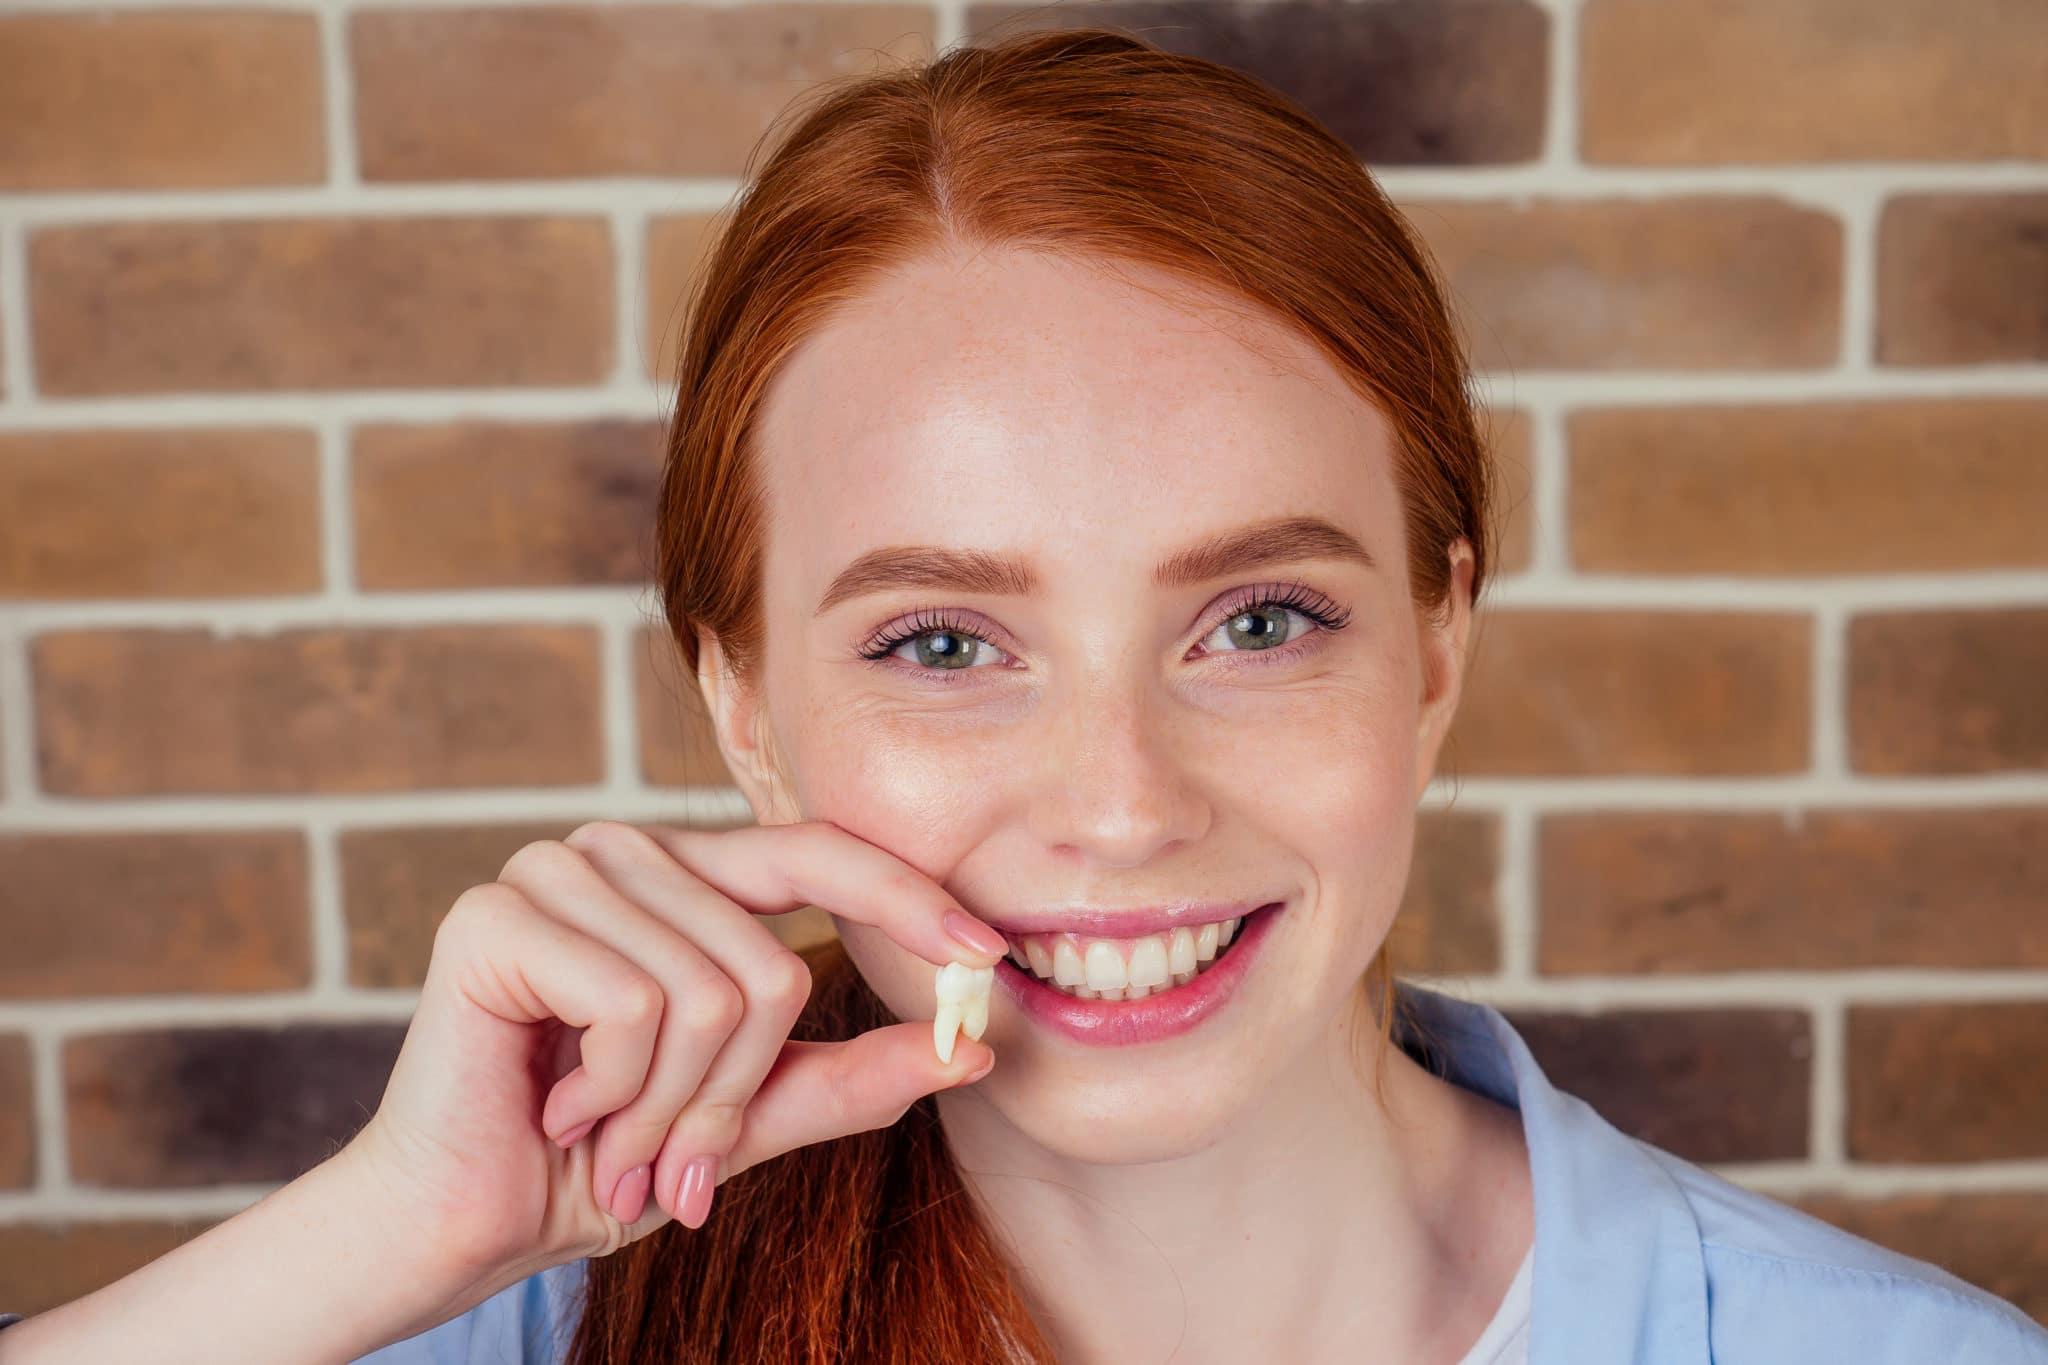 Combien de temps dure l'extraction d'une dent ? image vedette